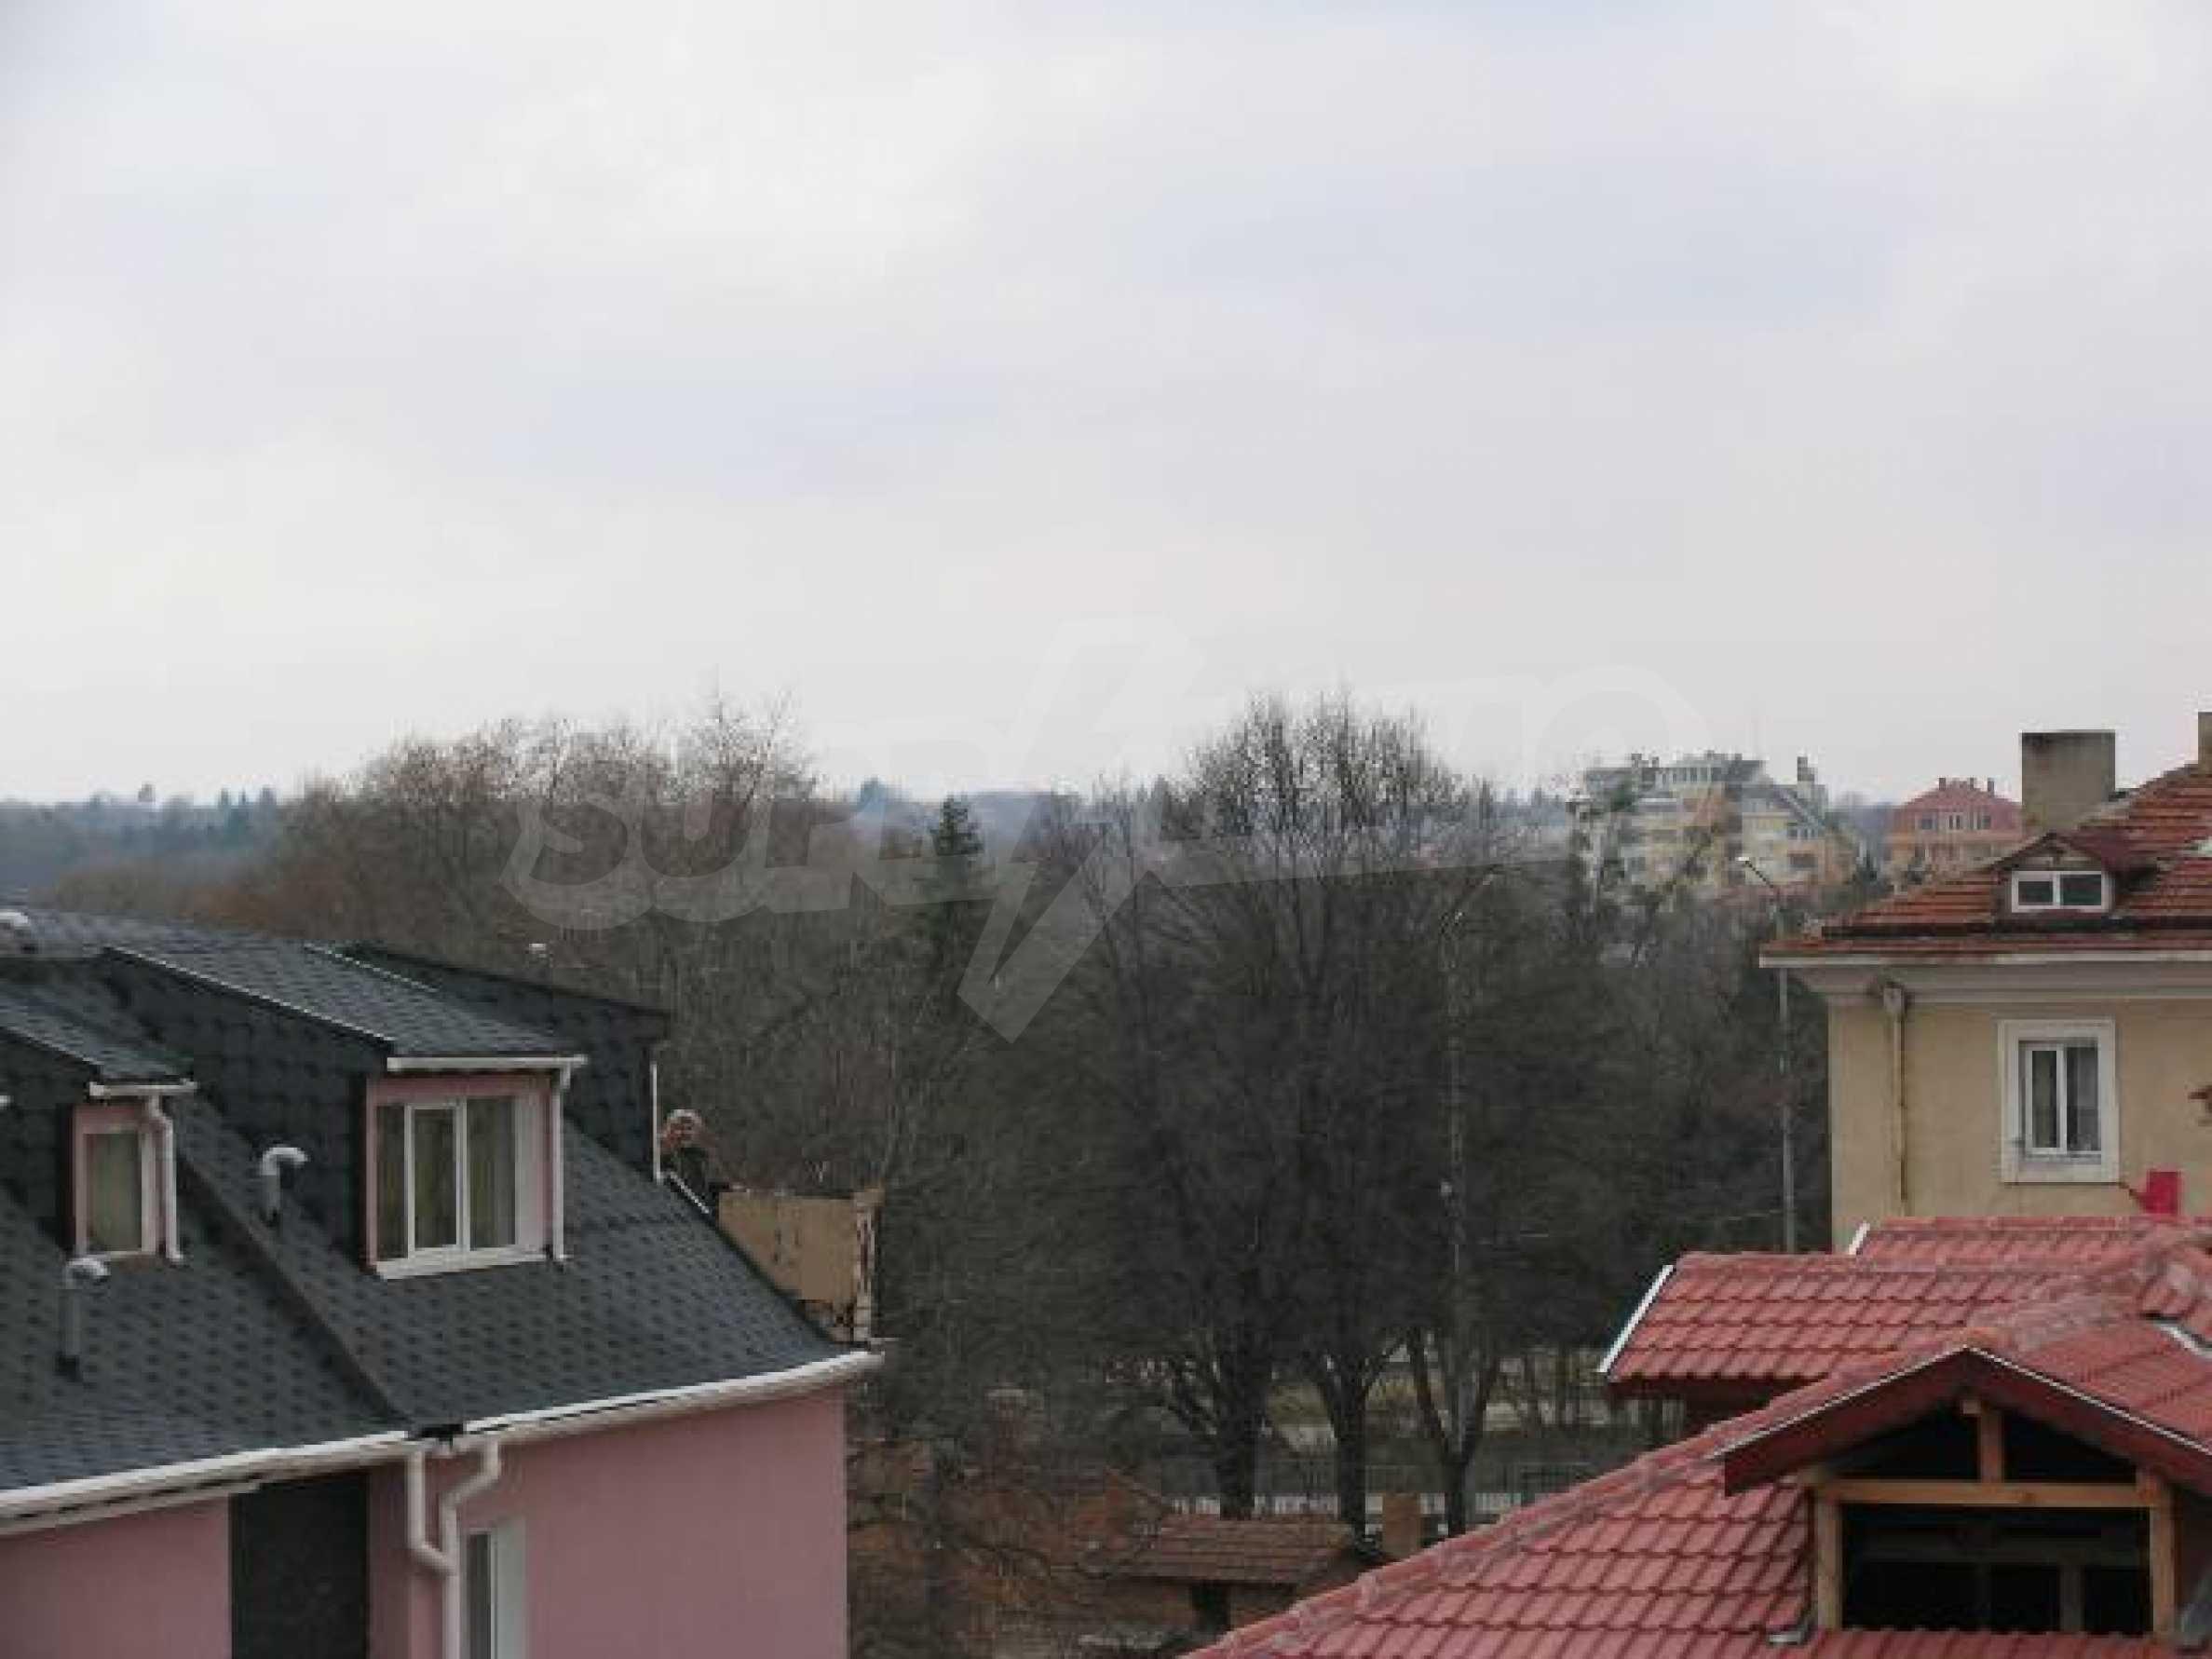 Тристаен апартамент в идеалния център на гр. Добрич 23